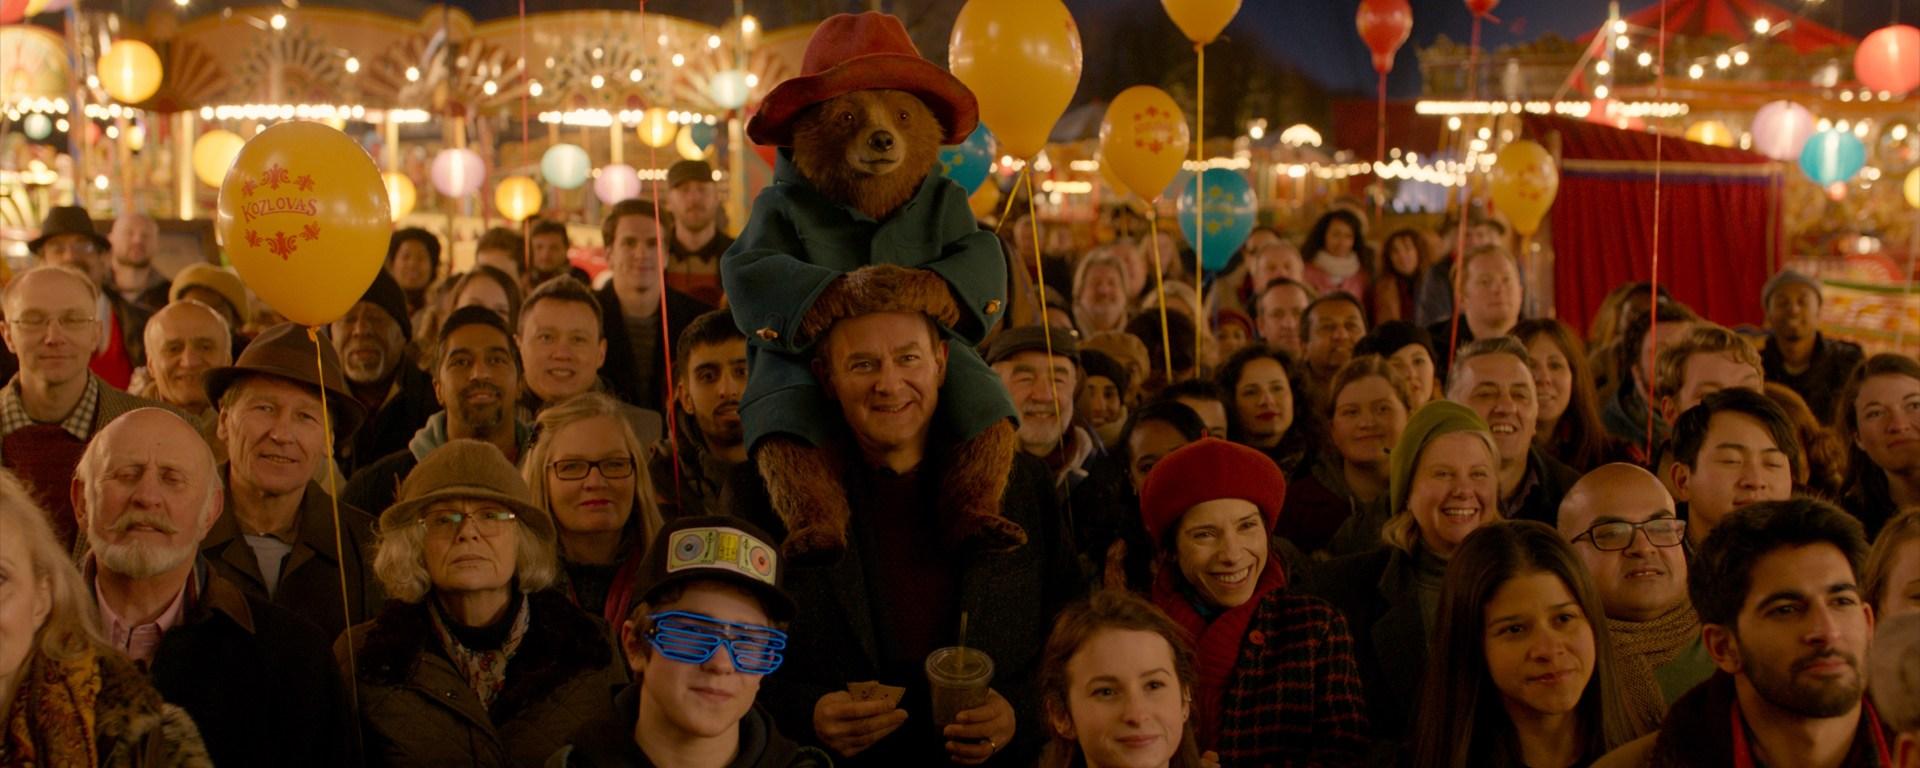 Movie Reviews Paddington 2 2017 The Avocado